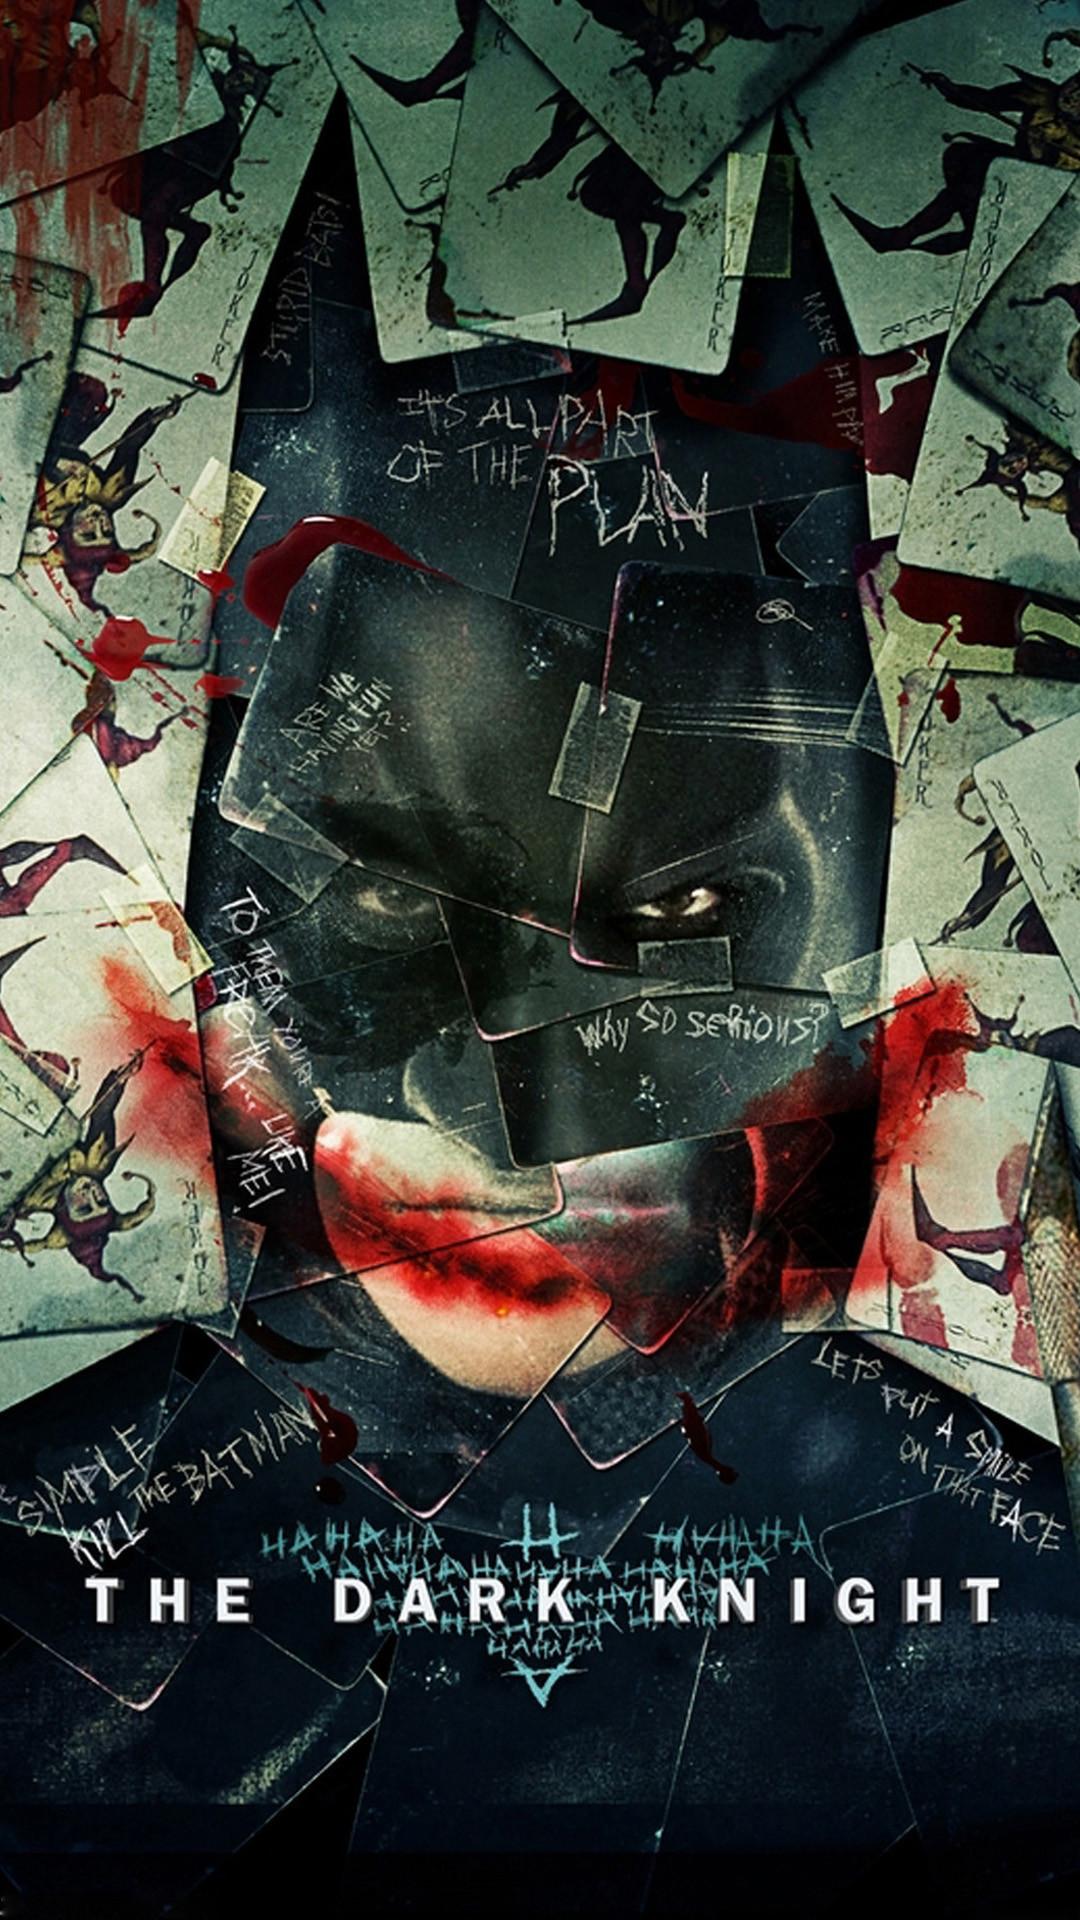 Dark Knight cards